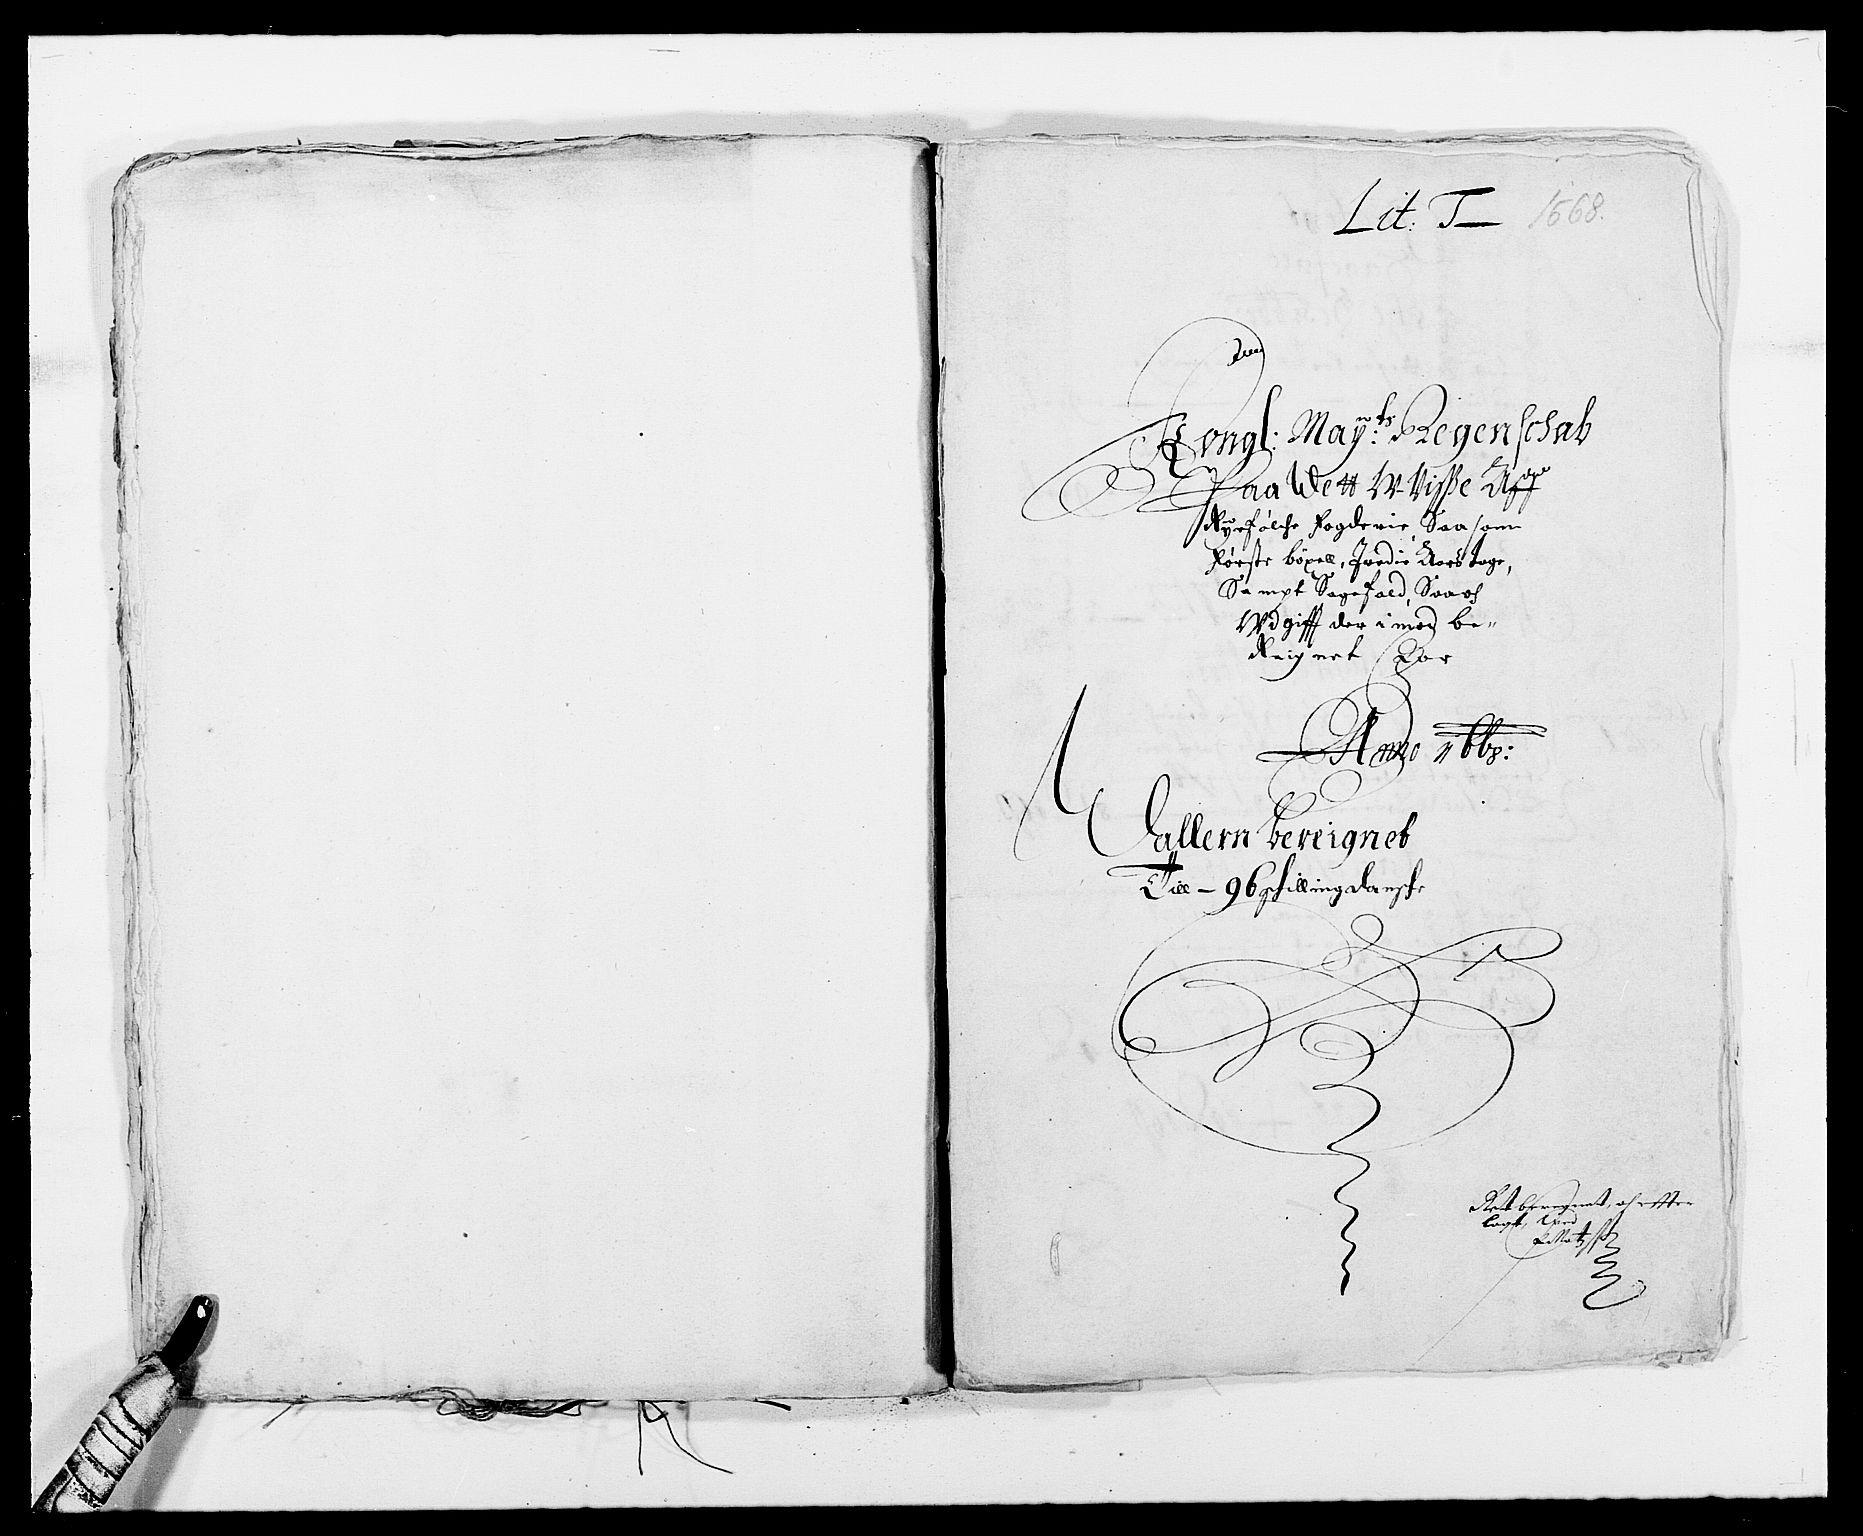 RA, Rentekammeret inntil 1814, Reviderte regnskaper, Fogderegnskap, R47/L2841: Fogderegnskap Ryfylke, 1665-1669, s. 289